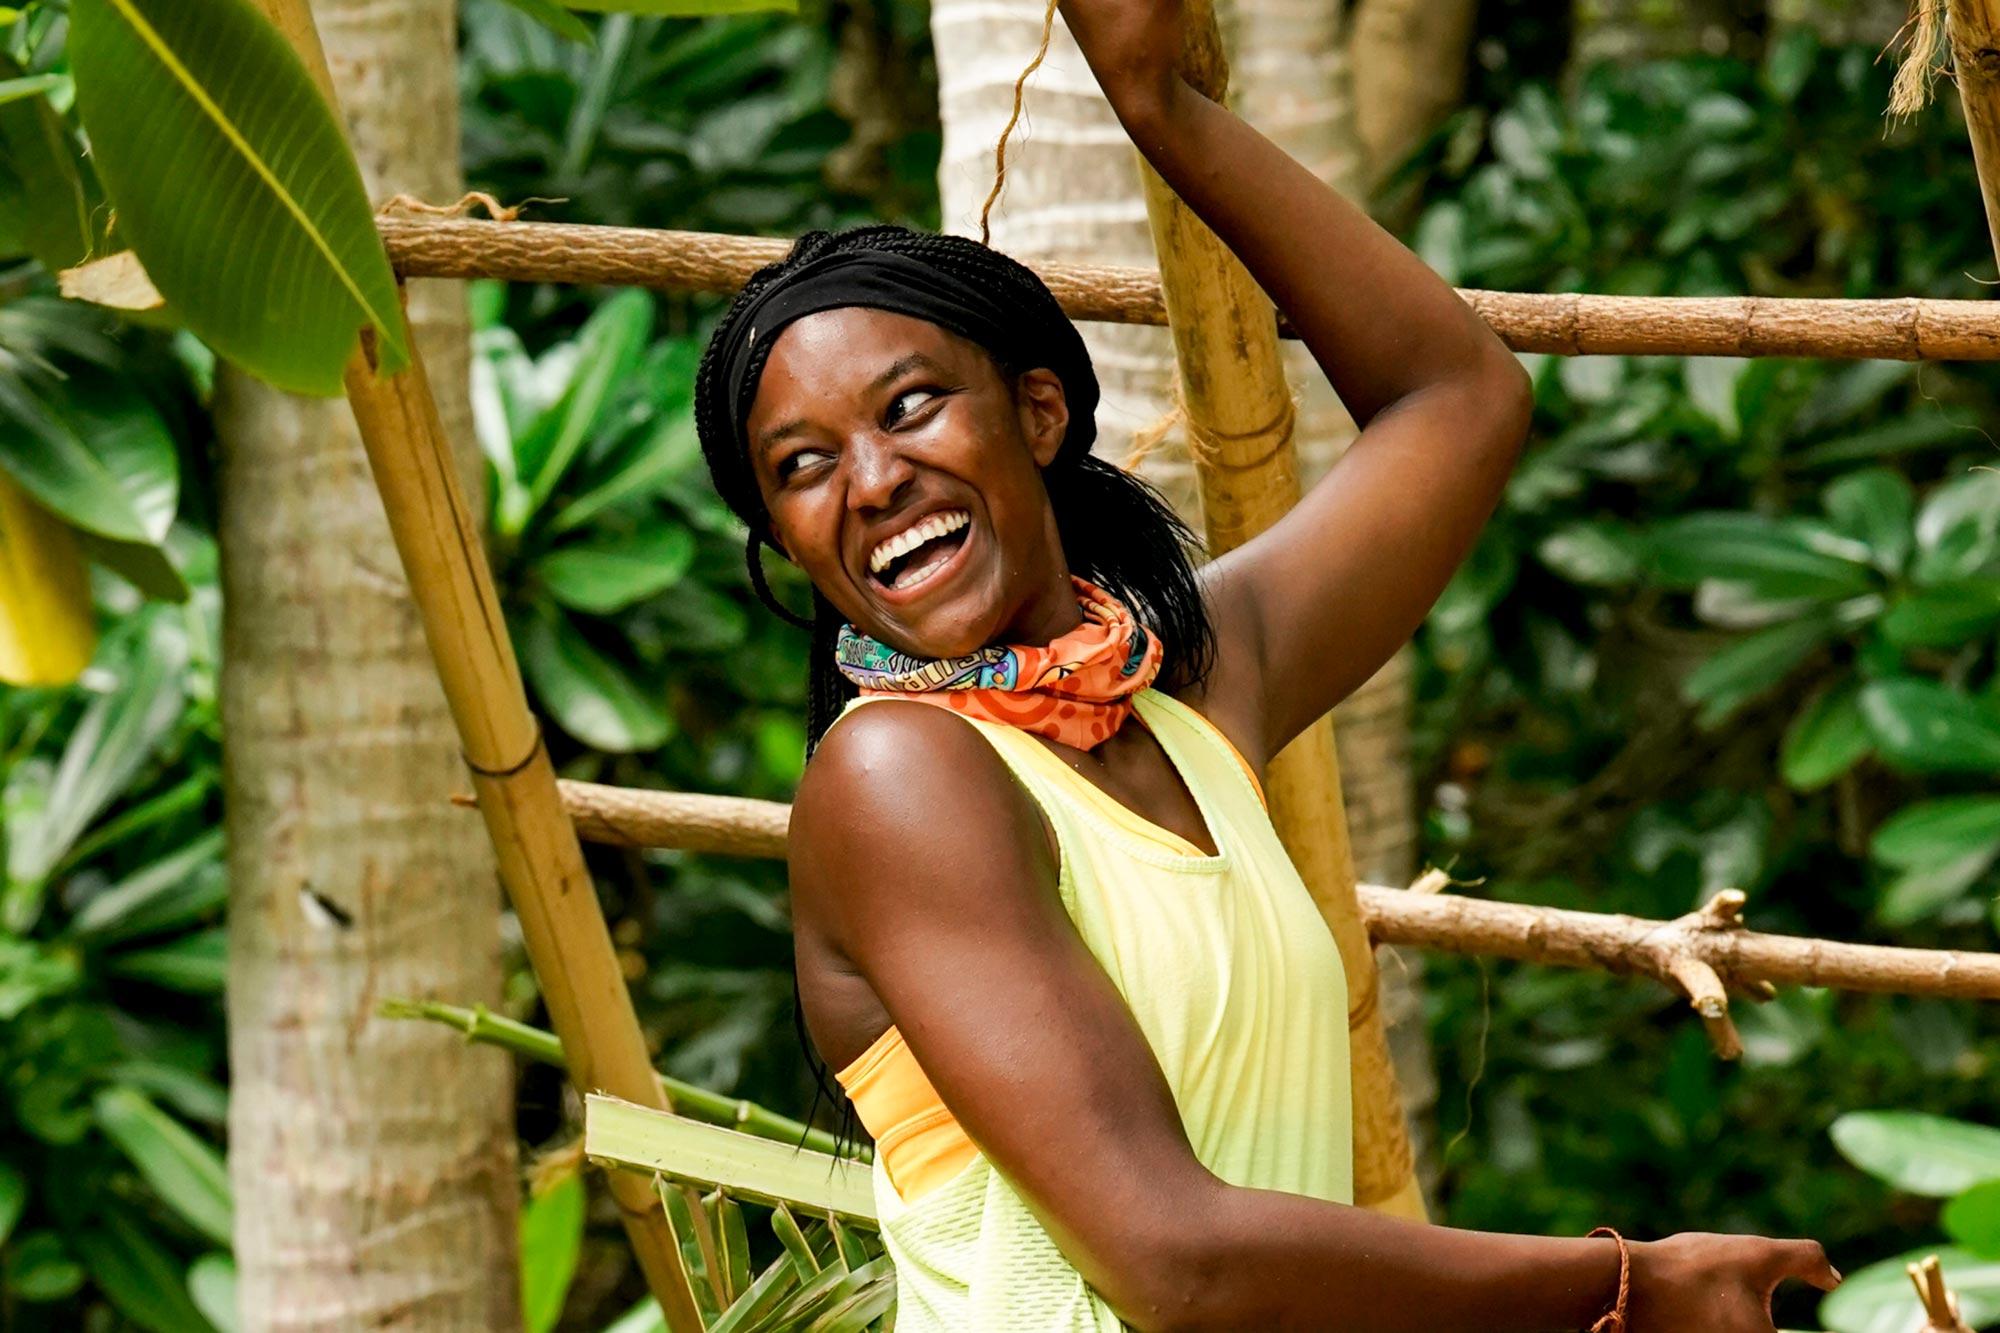 Missy Byrd (Survivor: Island of the Idols – season 39)